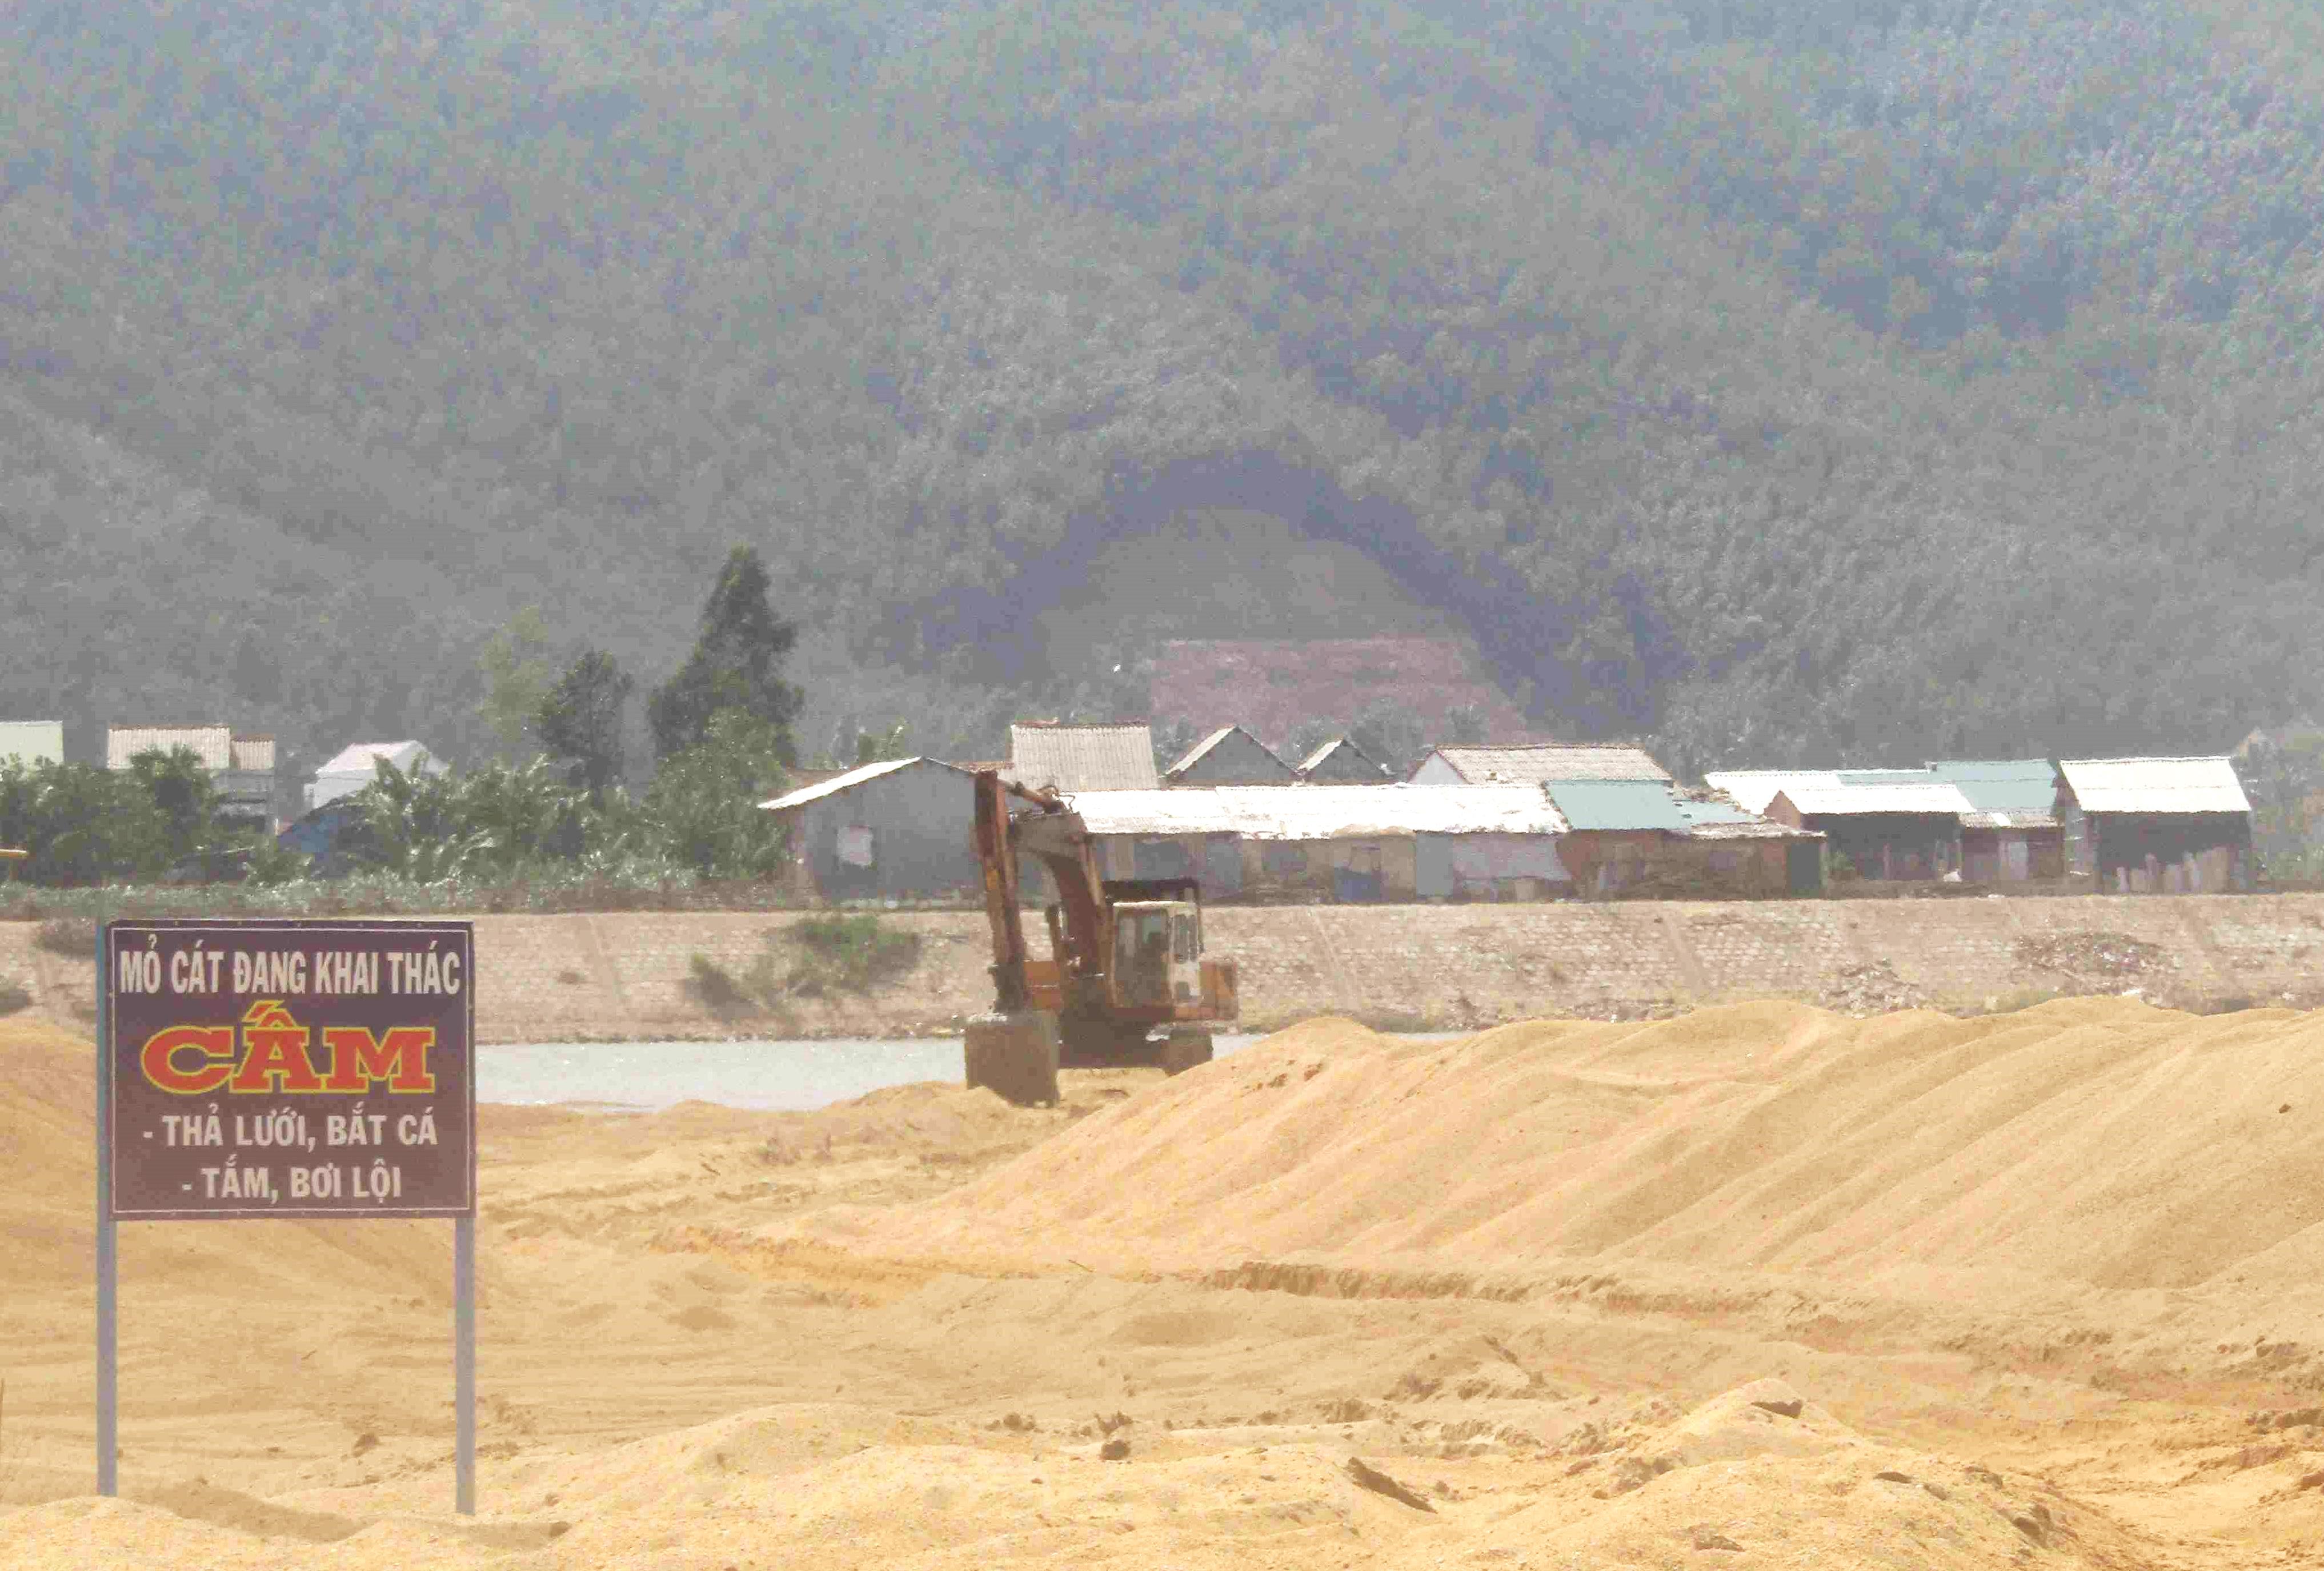 Công ty TNHH Thành Hương khai thác cát trên sông Lại Giang bất chấp lệnh cấm của UBND tỉnh Bình Định